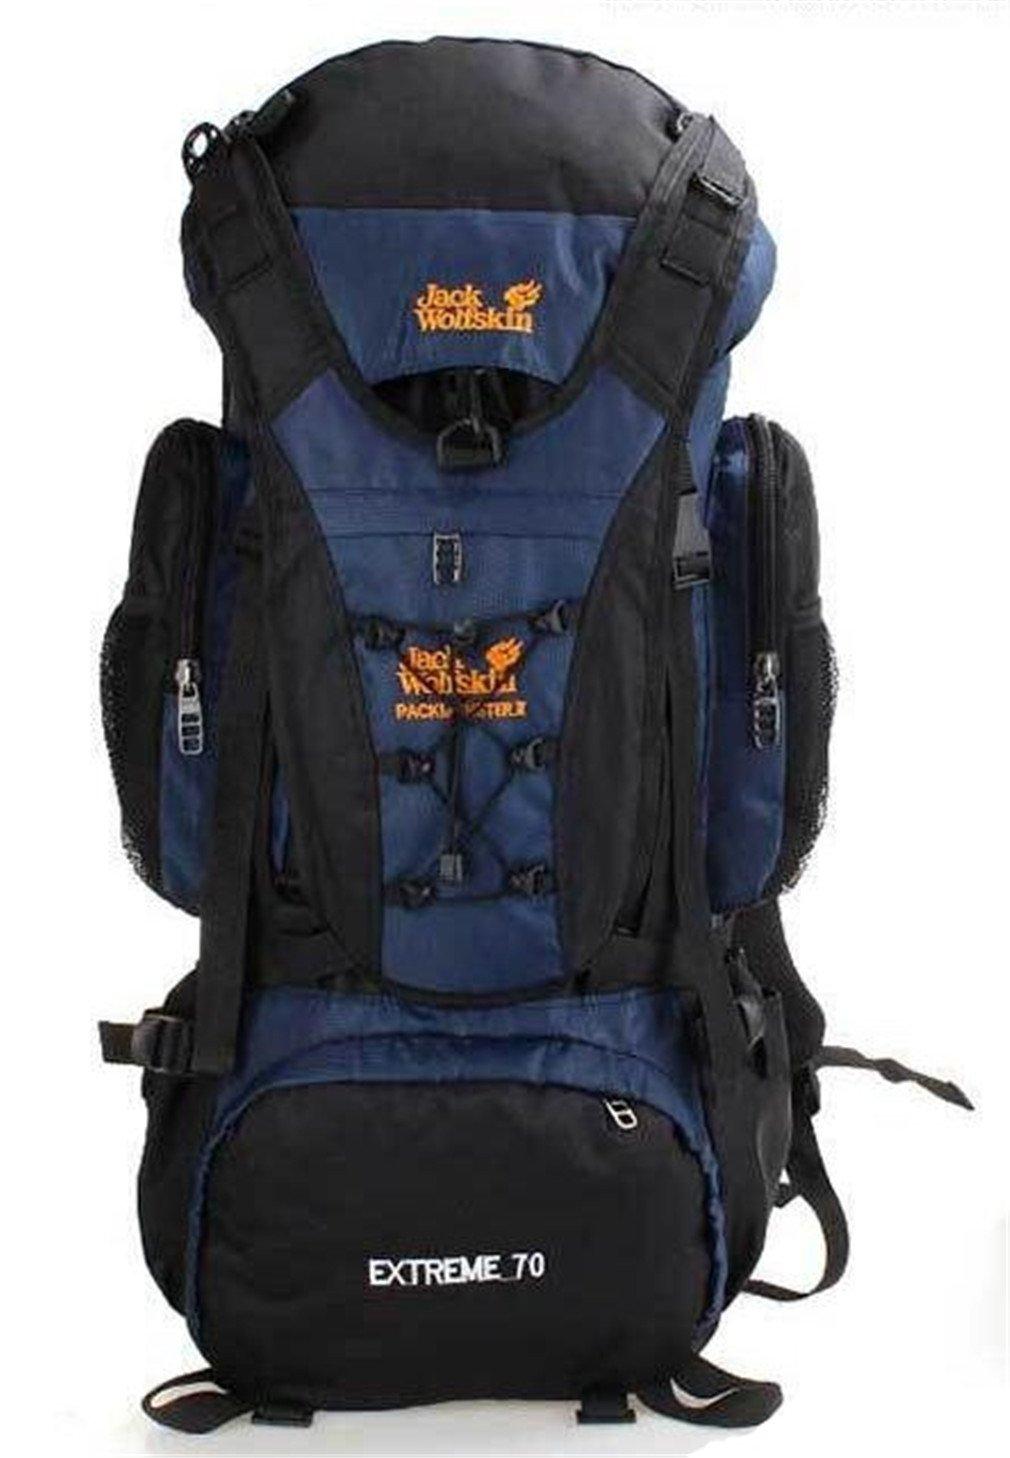 nuo-zアウトドアバックパック70lハイキング、キャンプワイルド旅行バッグ  ブルー B07CYRSBTQ